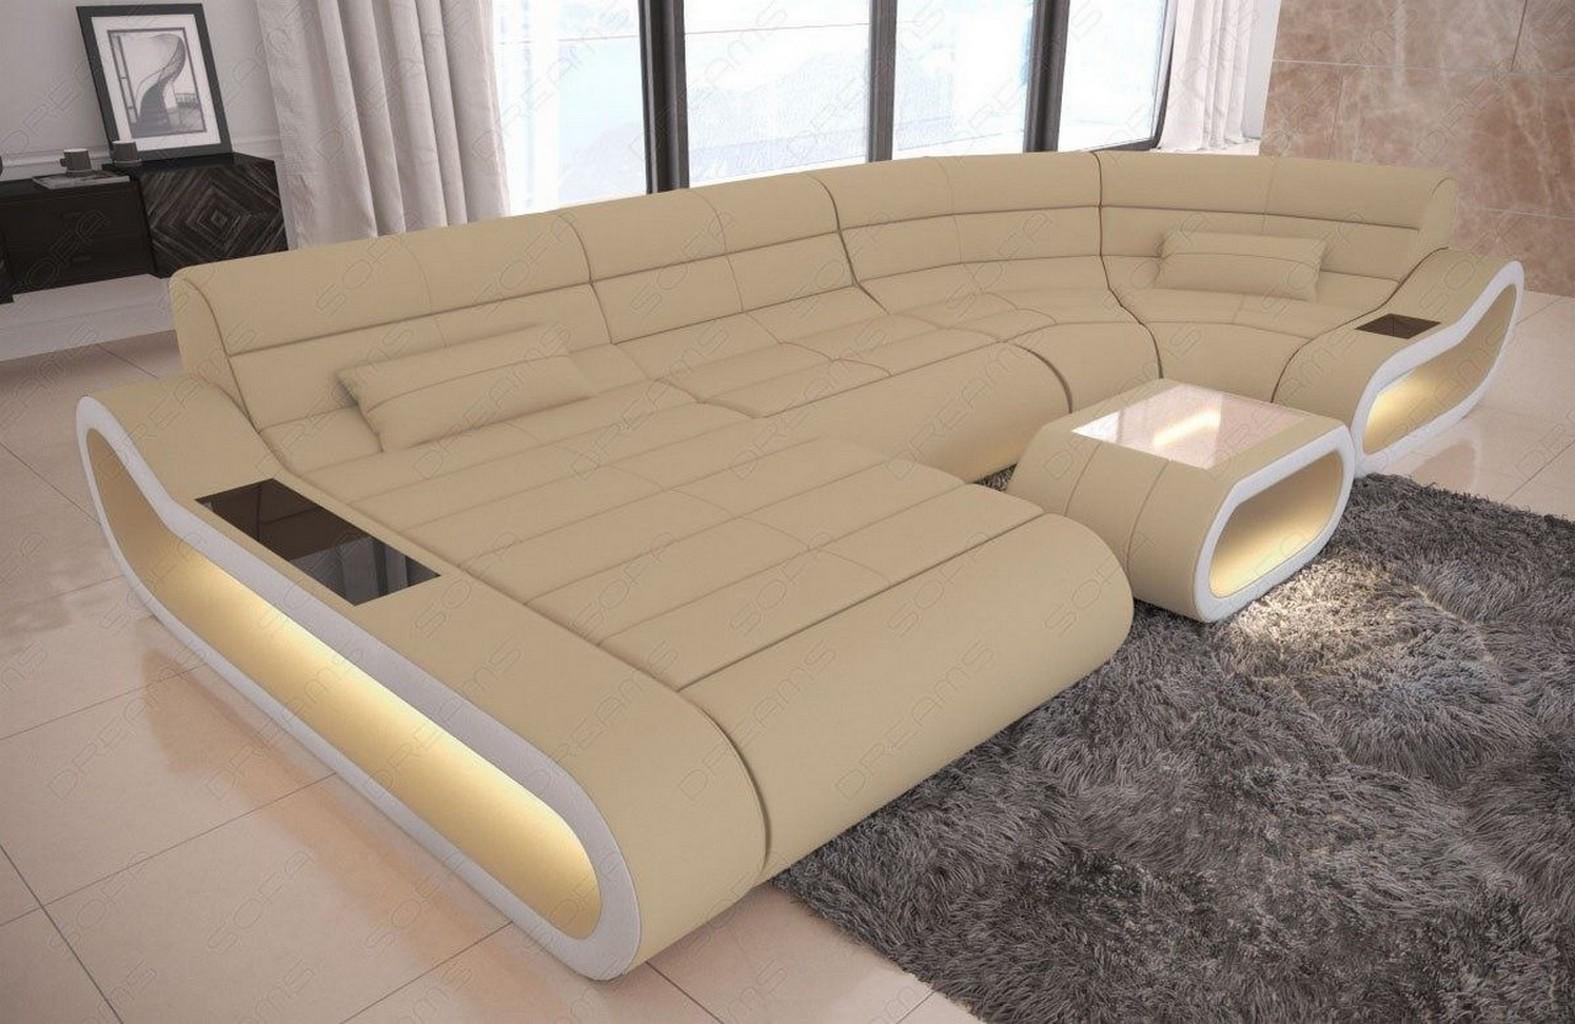 Stoff wohnlandschaft luxus sofa couch concept u form beige for Wohnlandschaft beige stoff